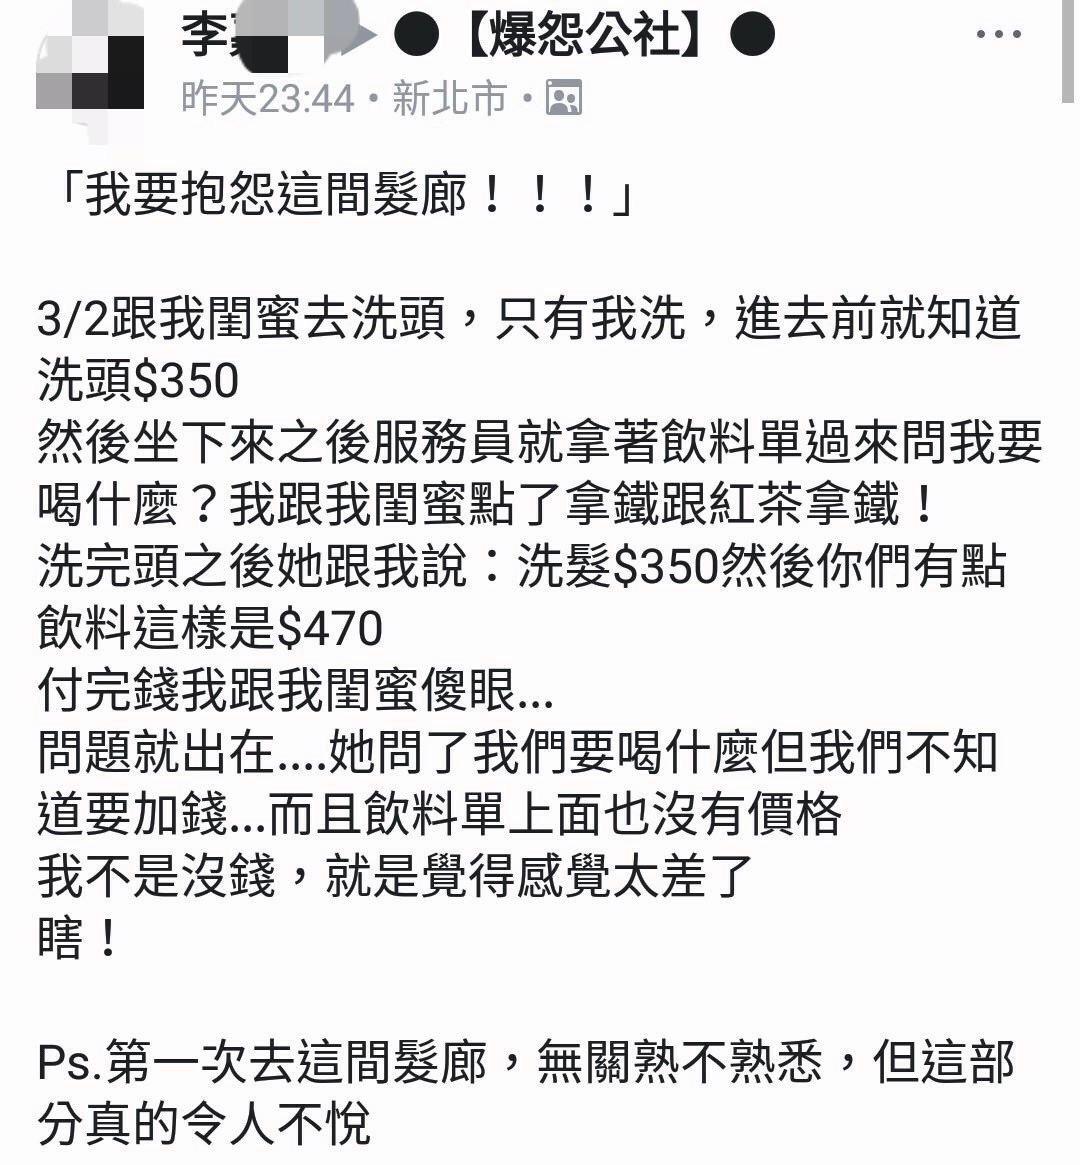 網友貼文內容。圖/截自臉書社團爆怨公社